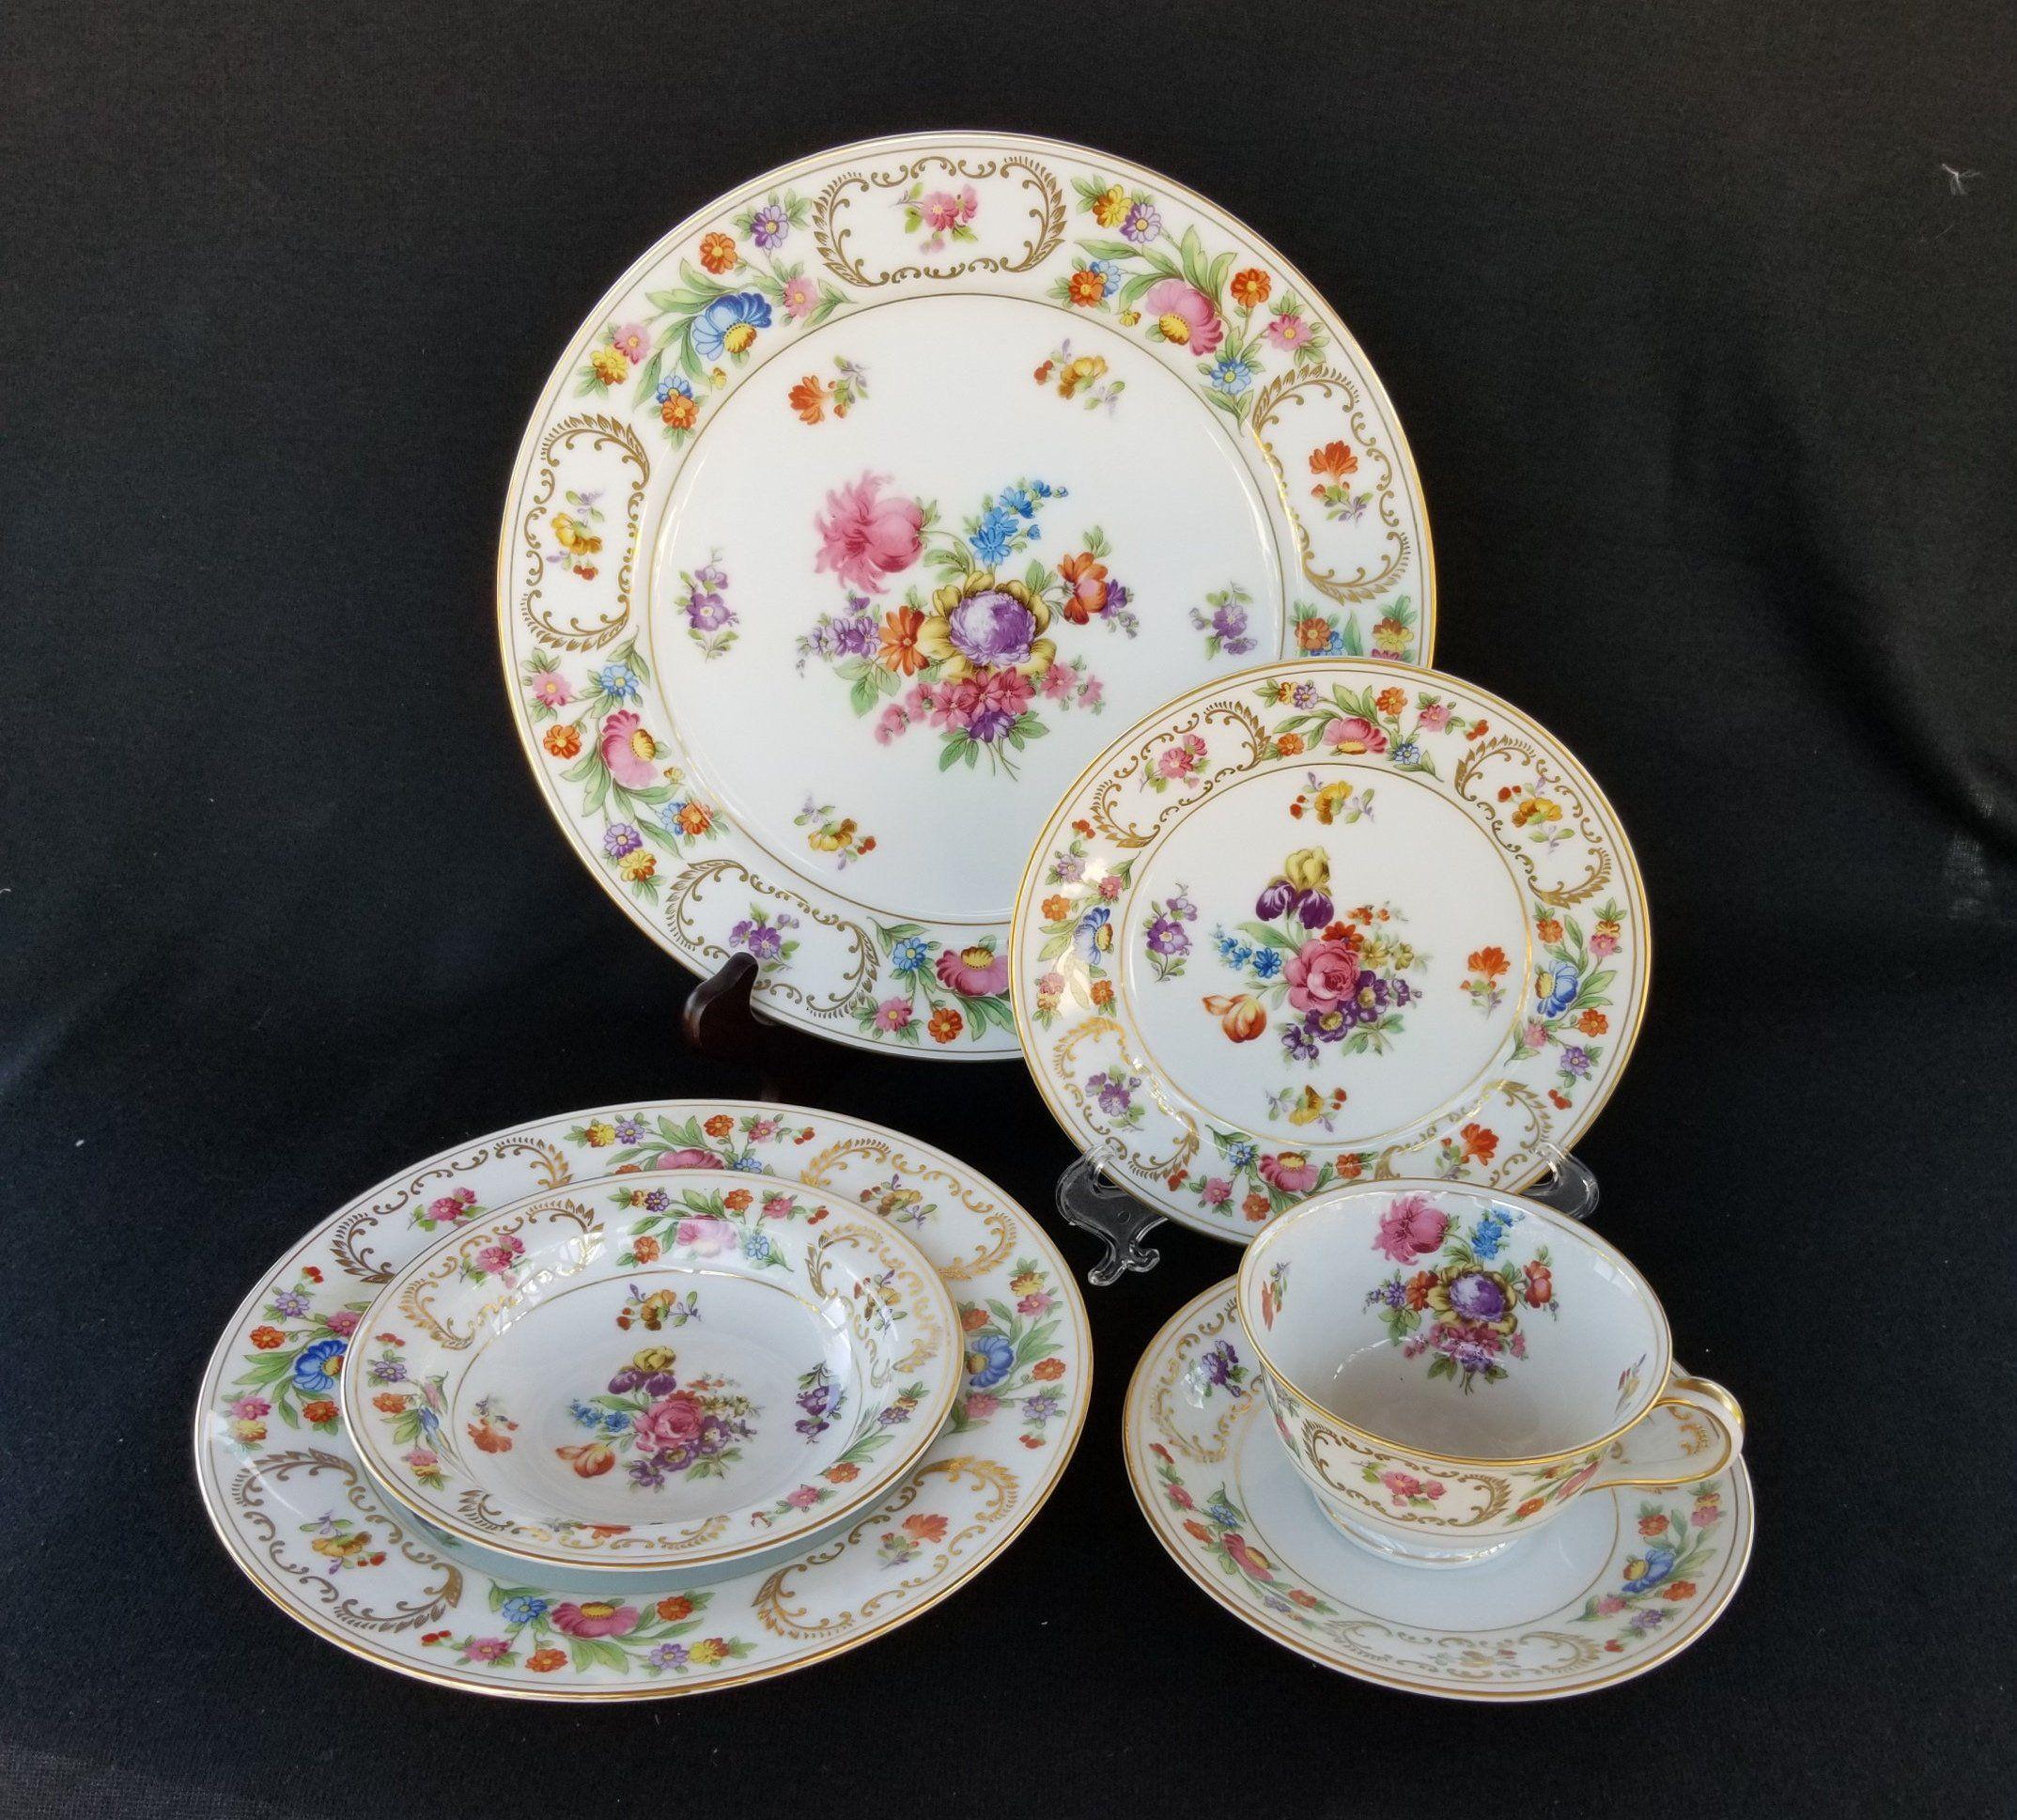 Spring China. Vintage Noritake China Dresalda Pattern